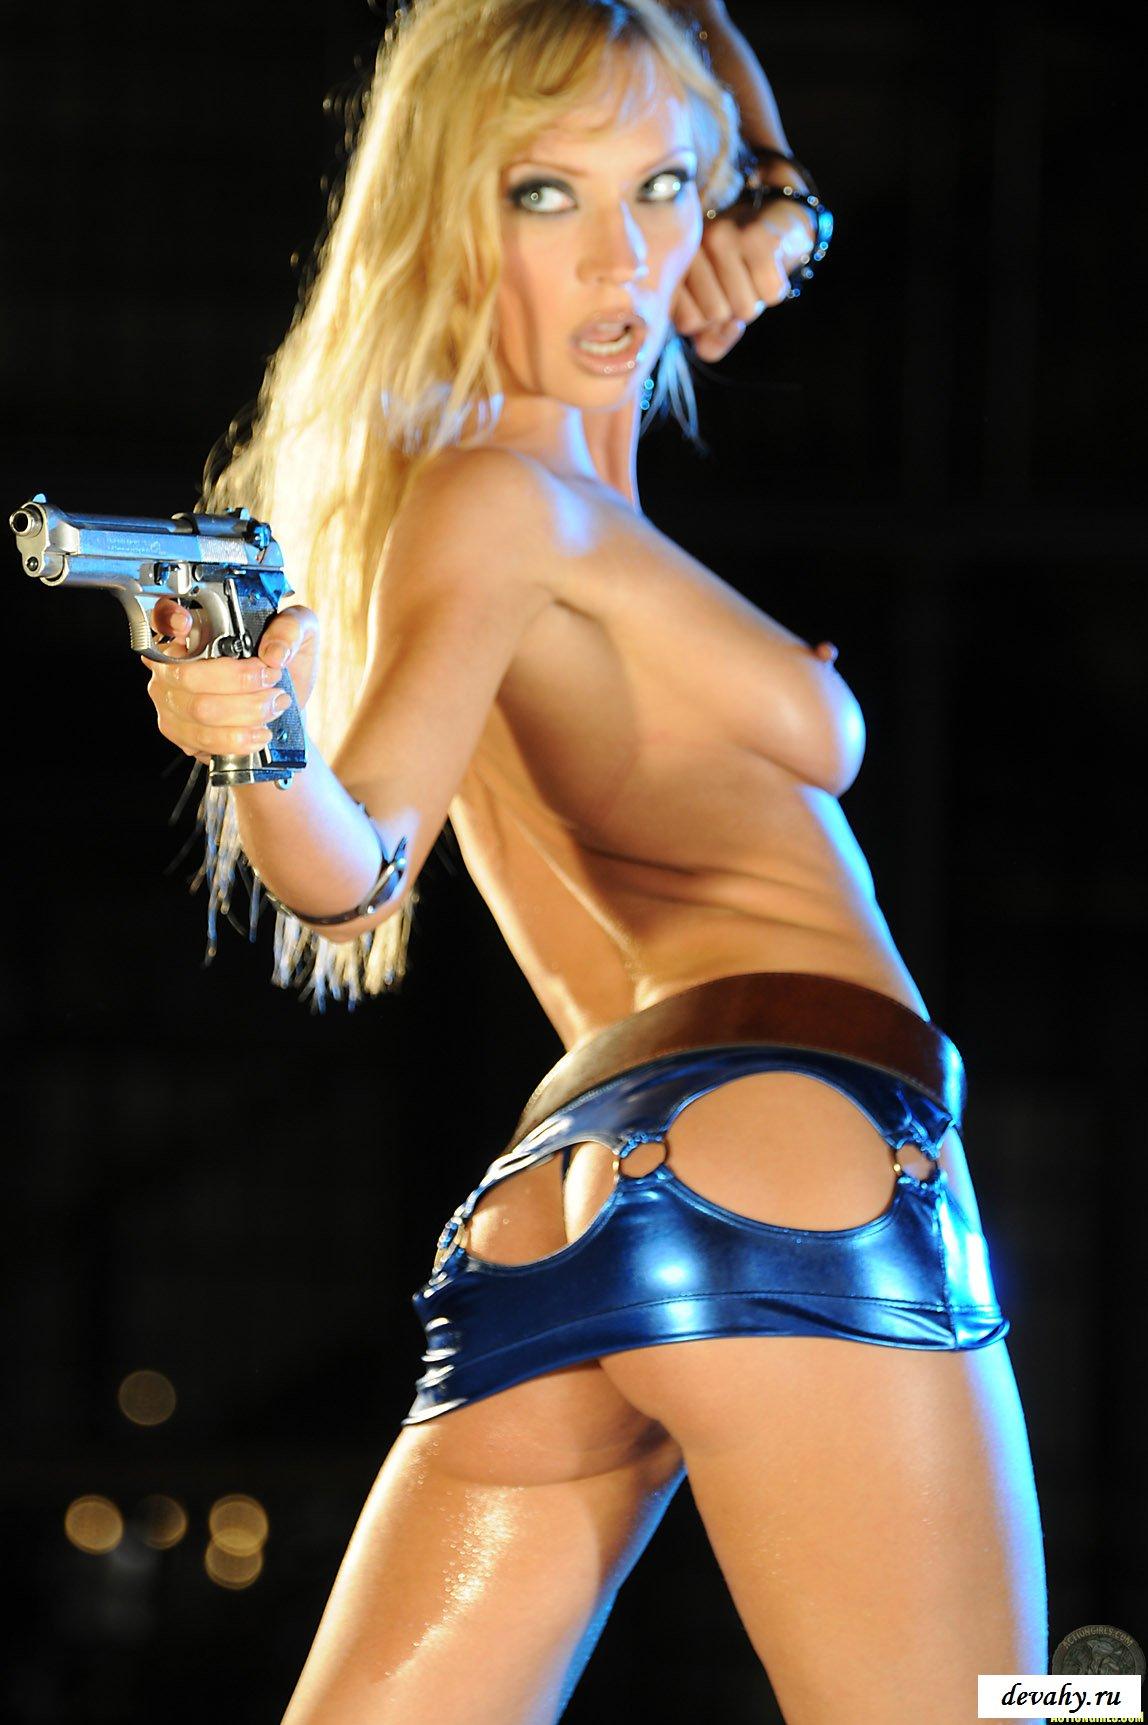 Девушка вооруженная и очень опасна